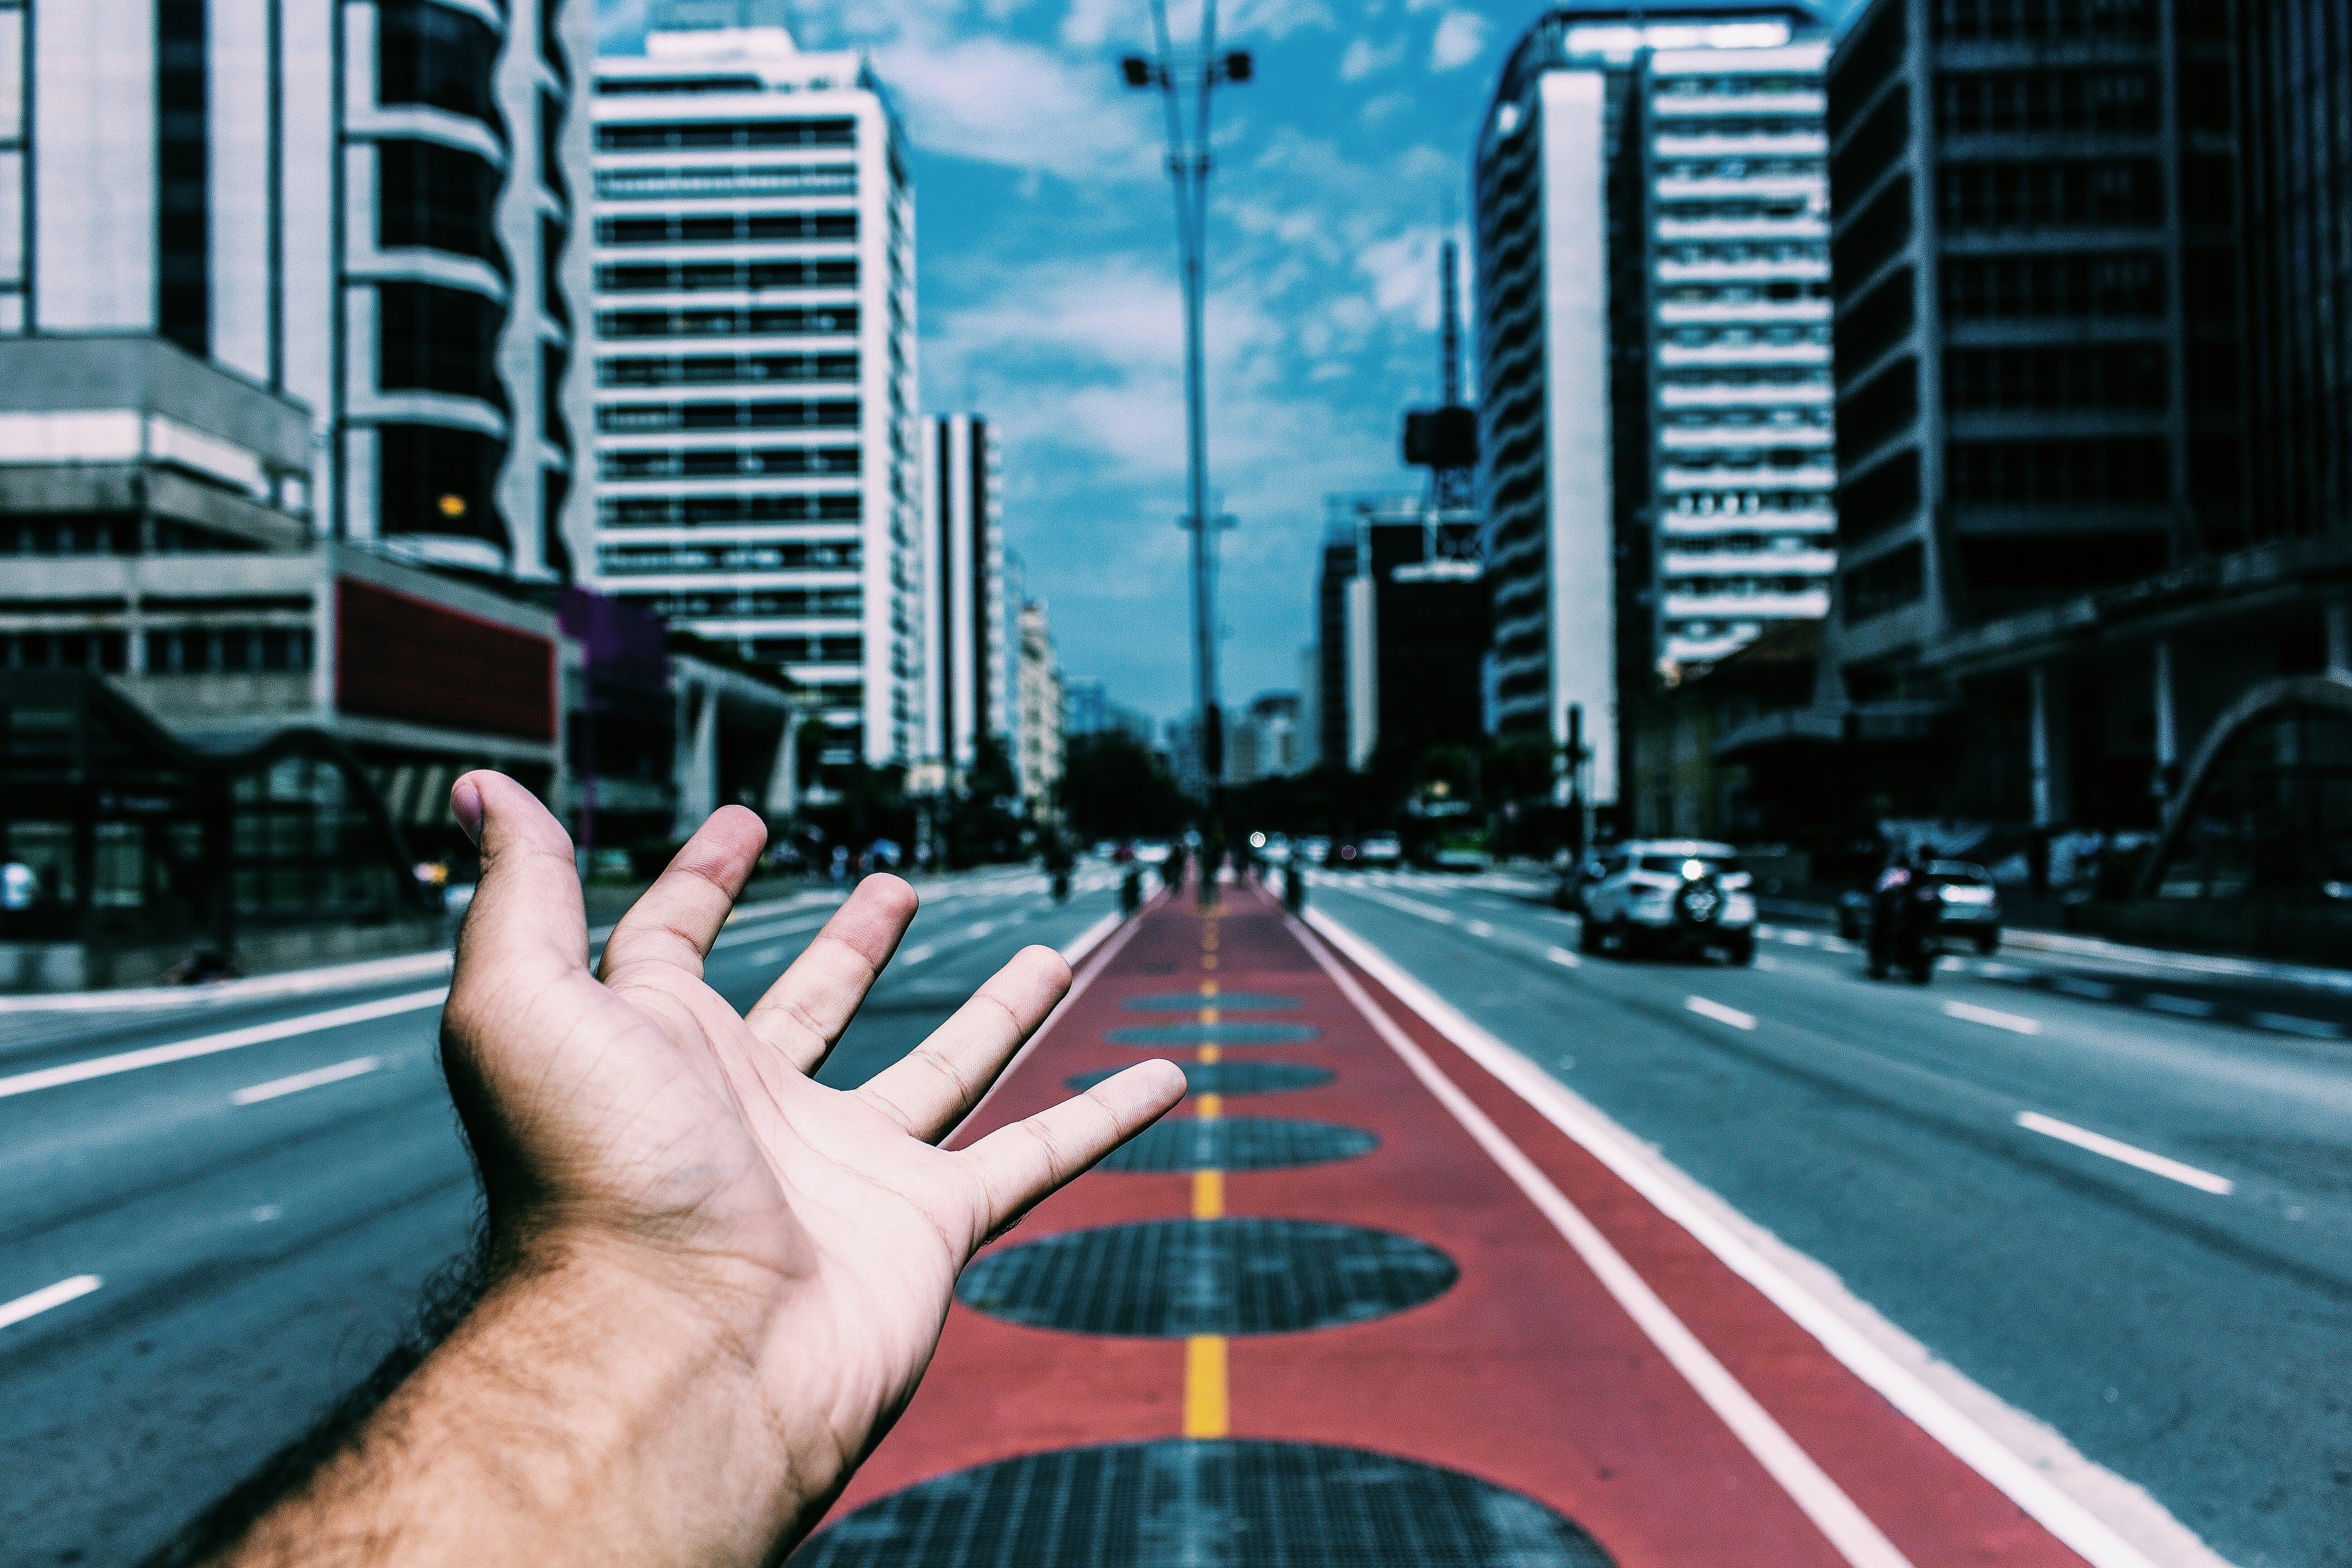 Free stock photo of #urbano #saopaulo #sp #paulista